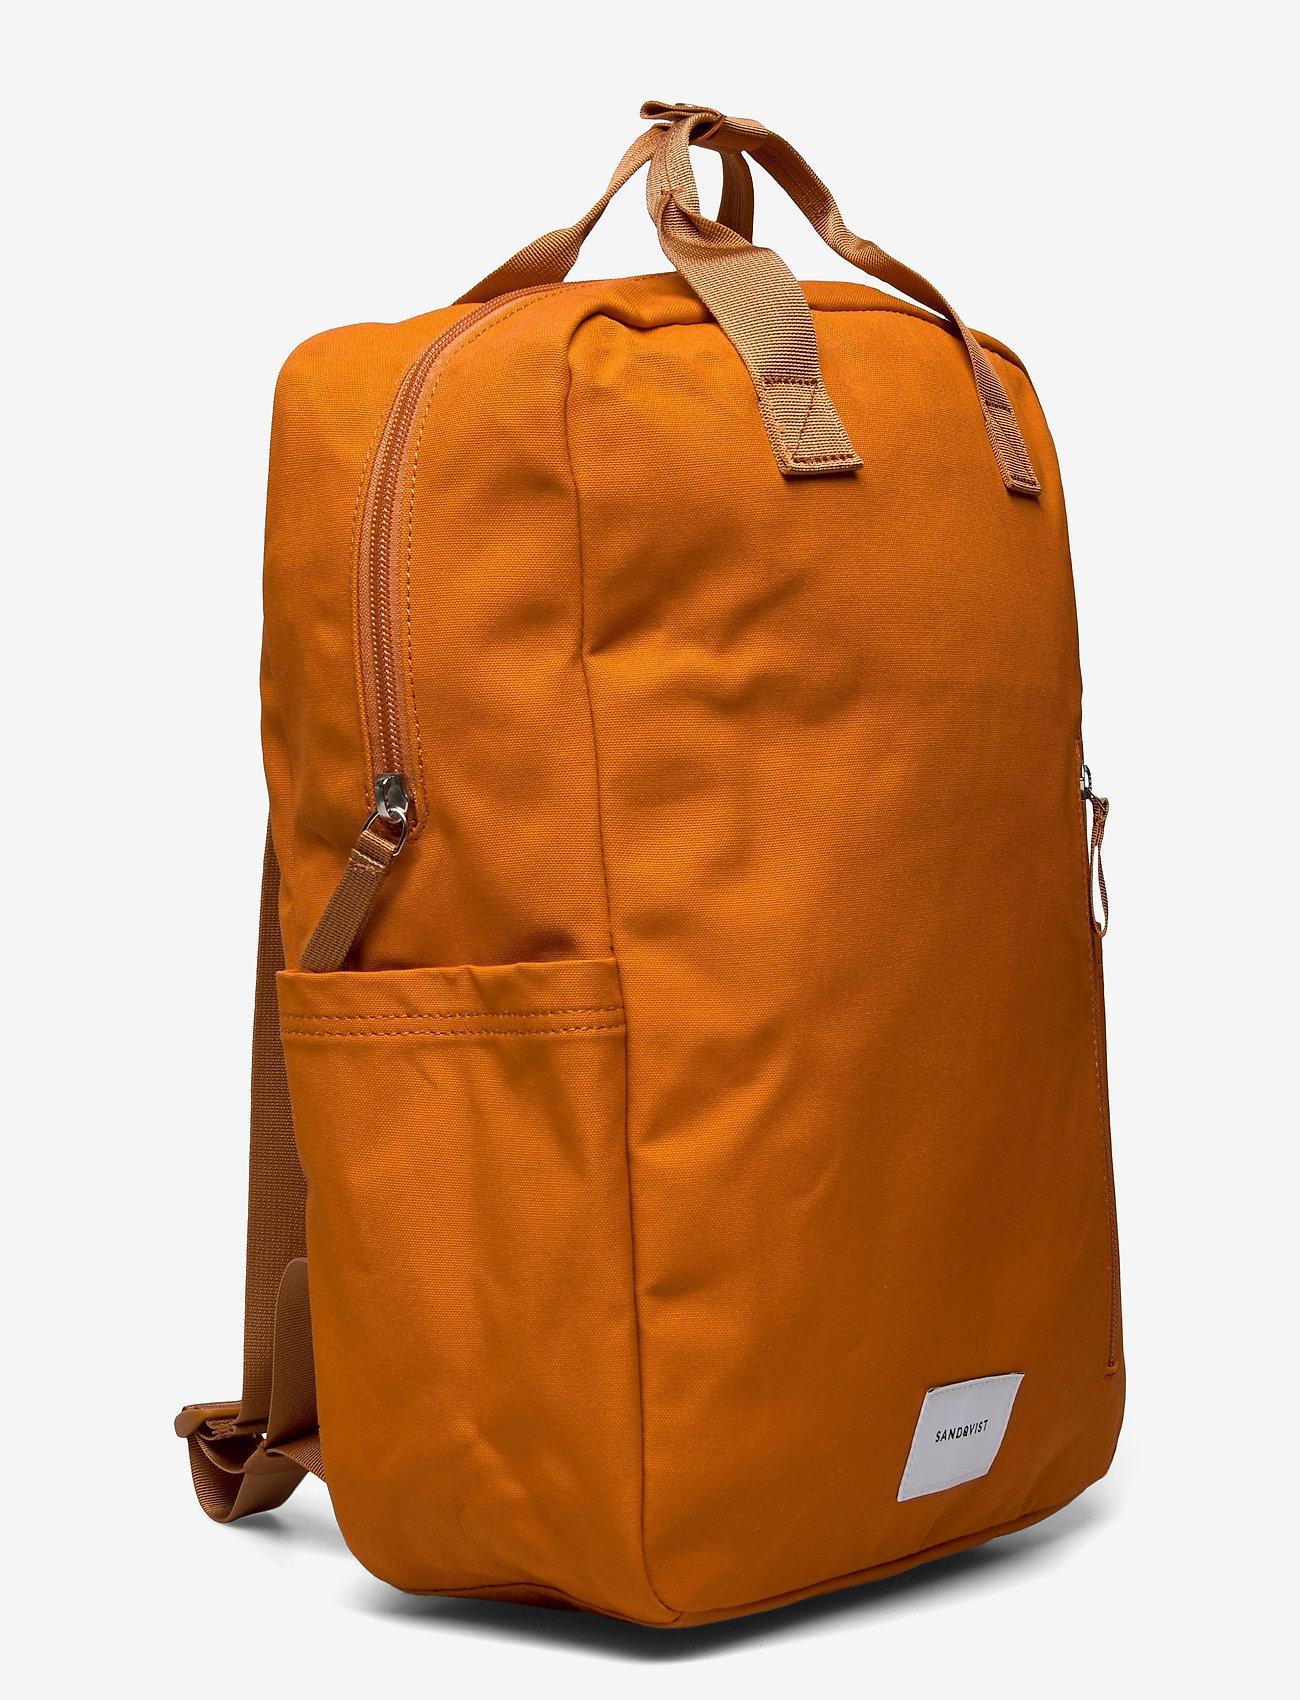 SANDQVIST - KNUT - tassen - burnt orange with orange webbing - 2